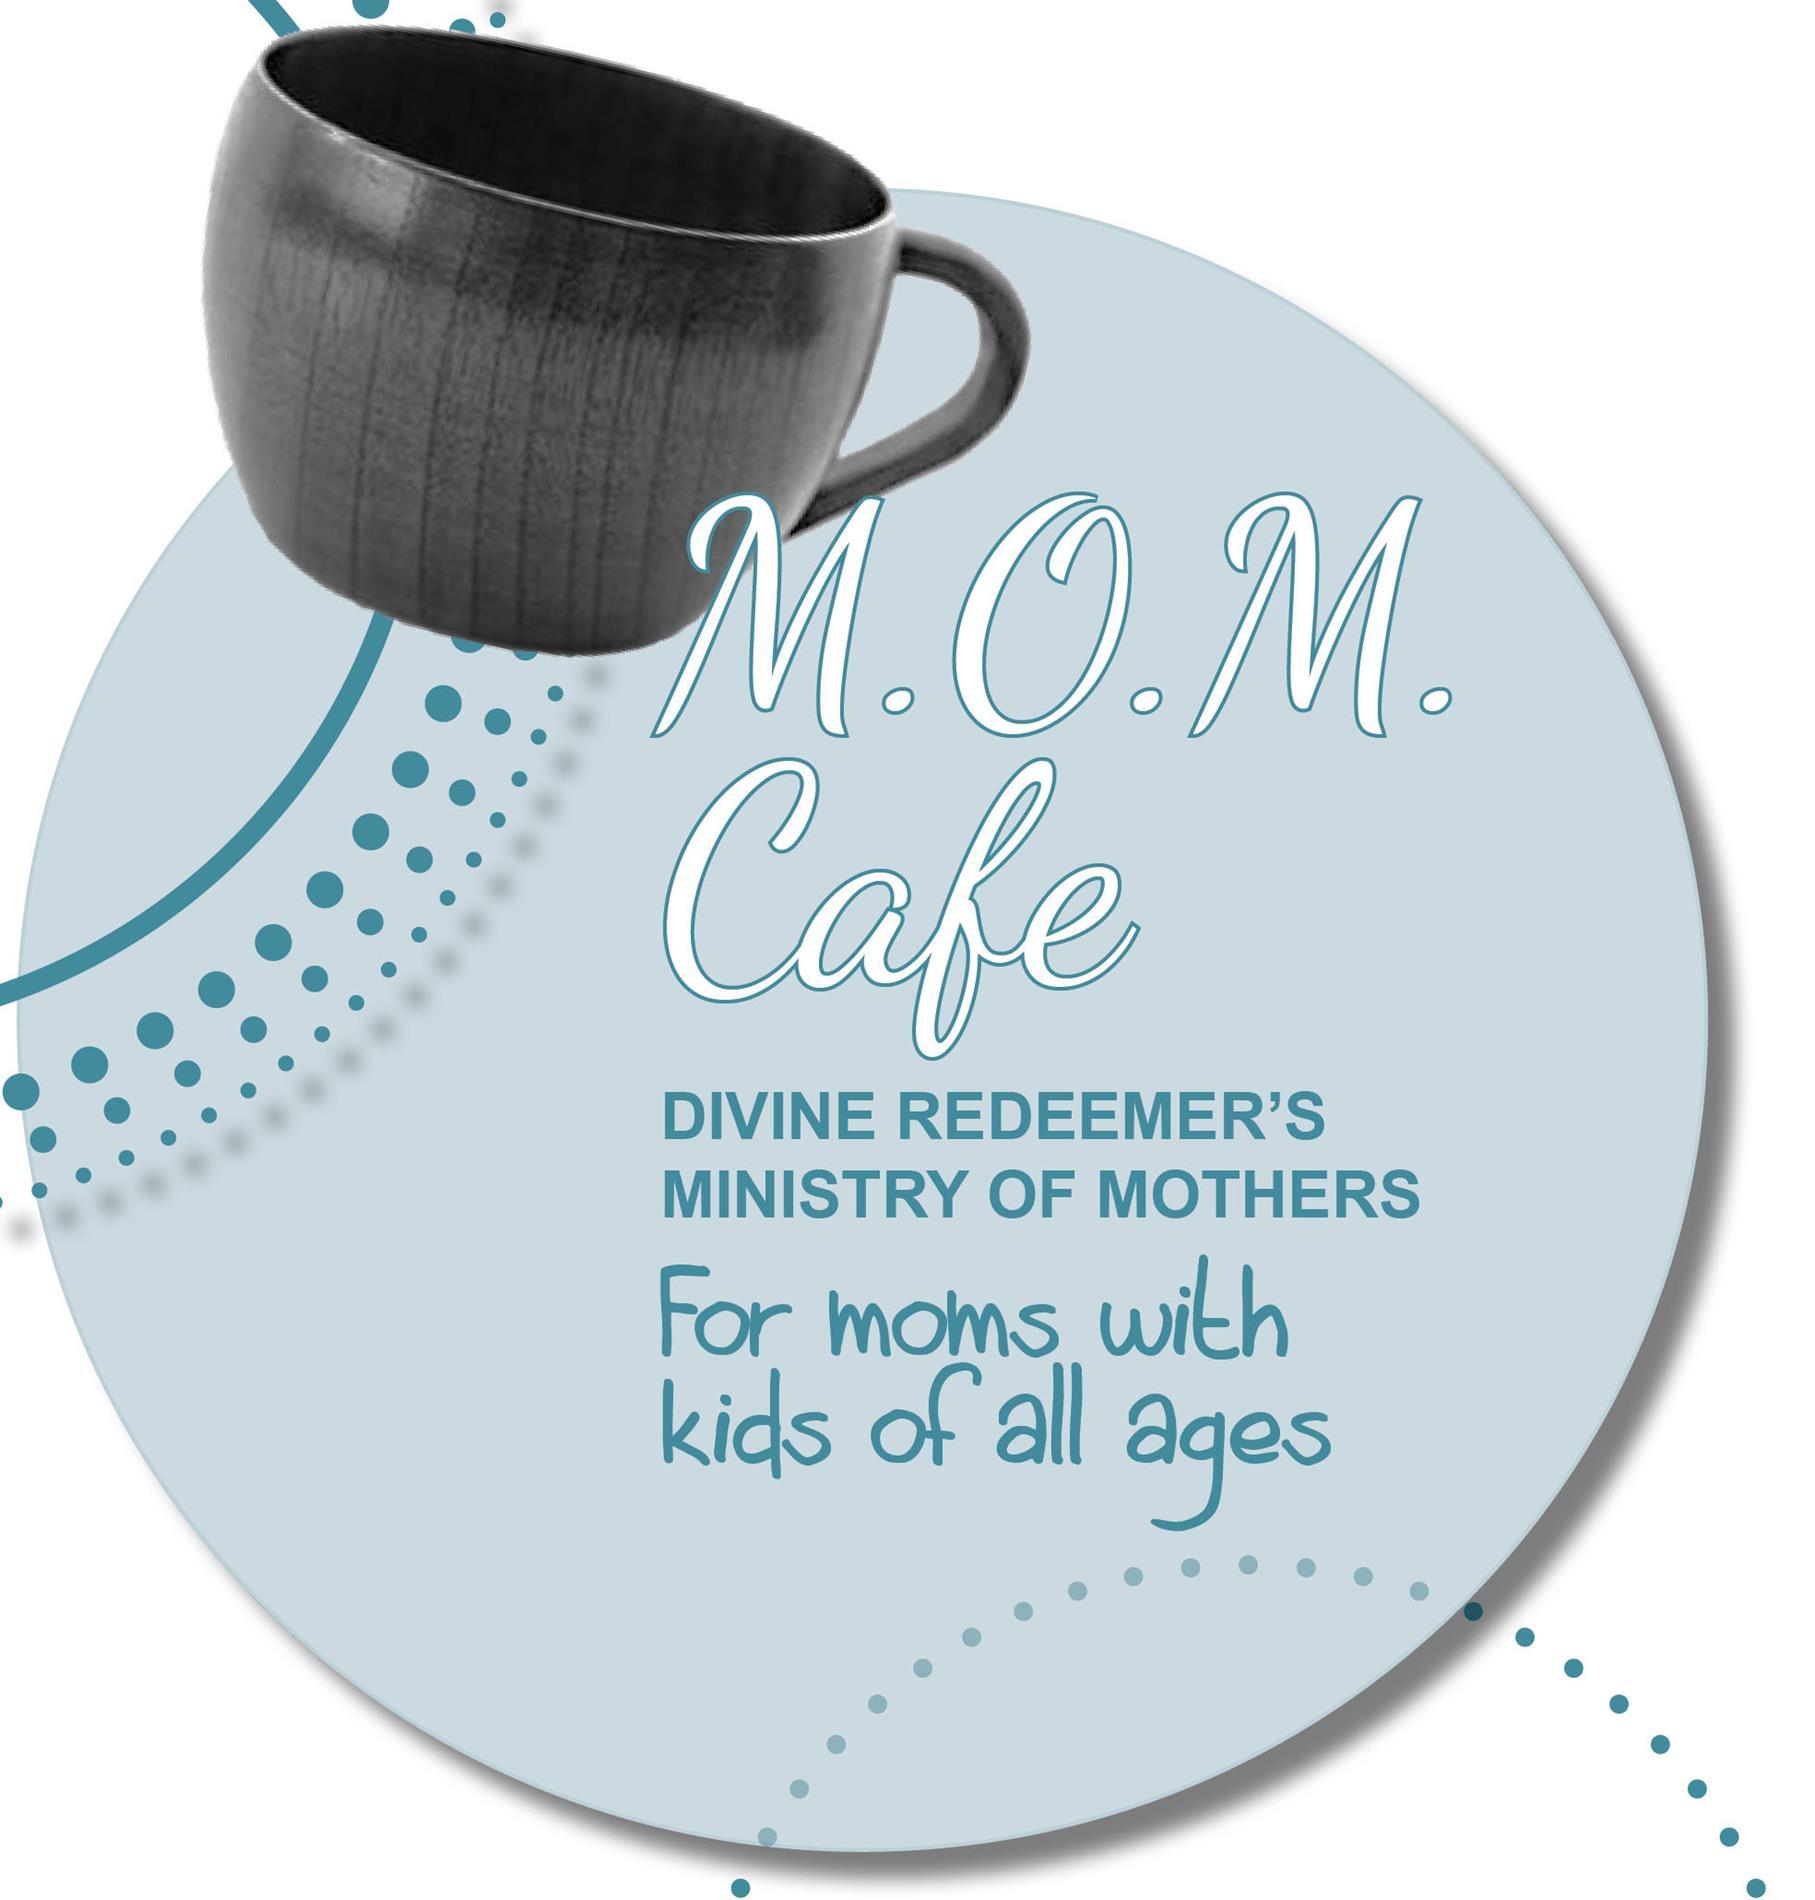 MOM cafe logo